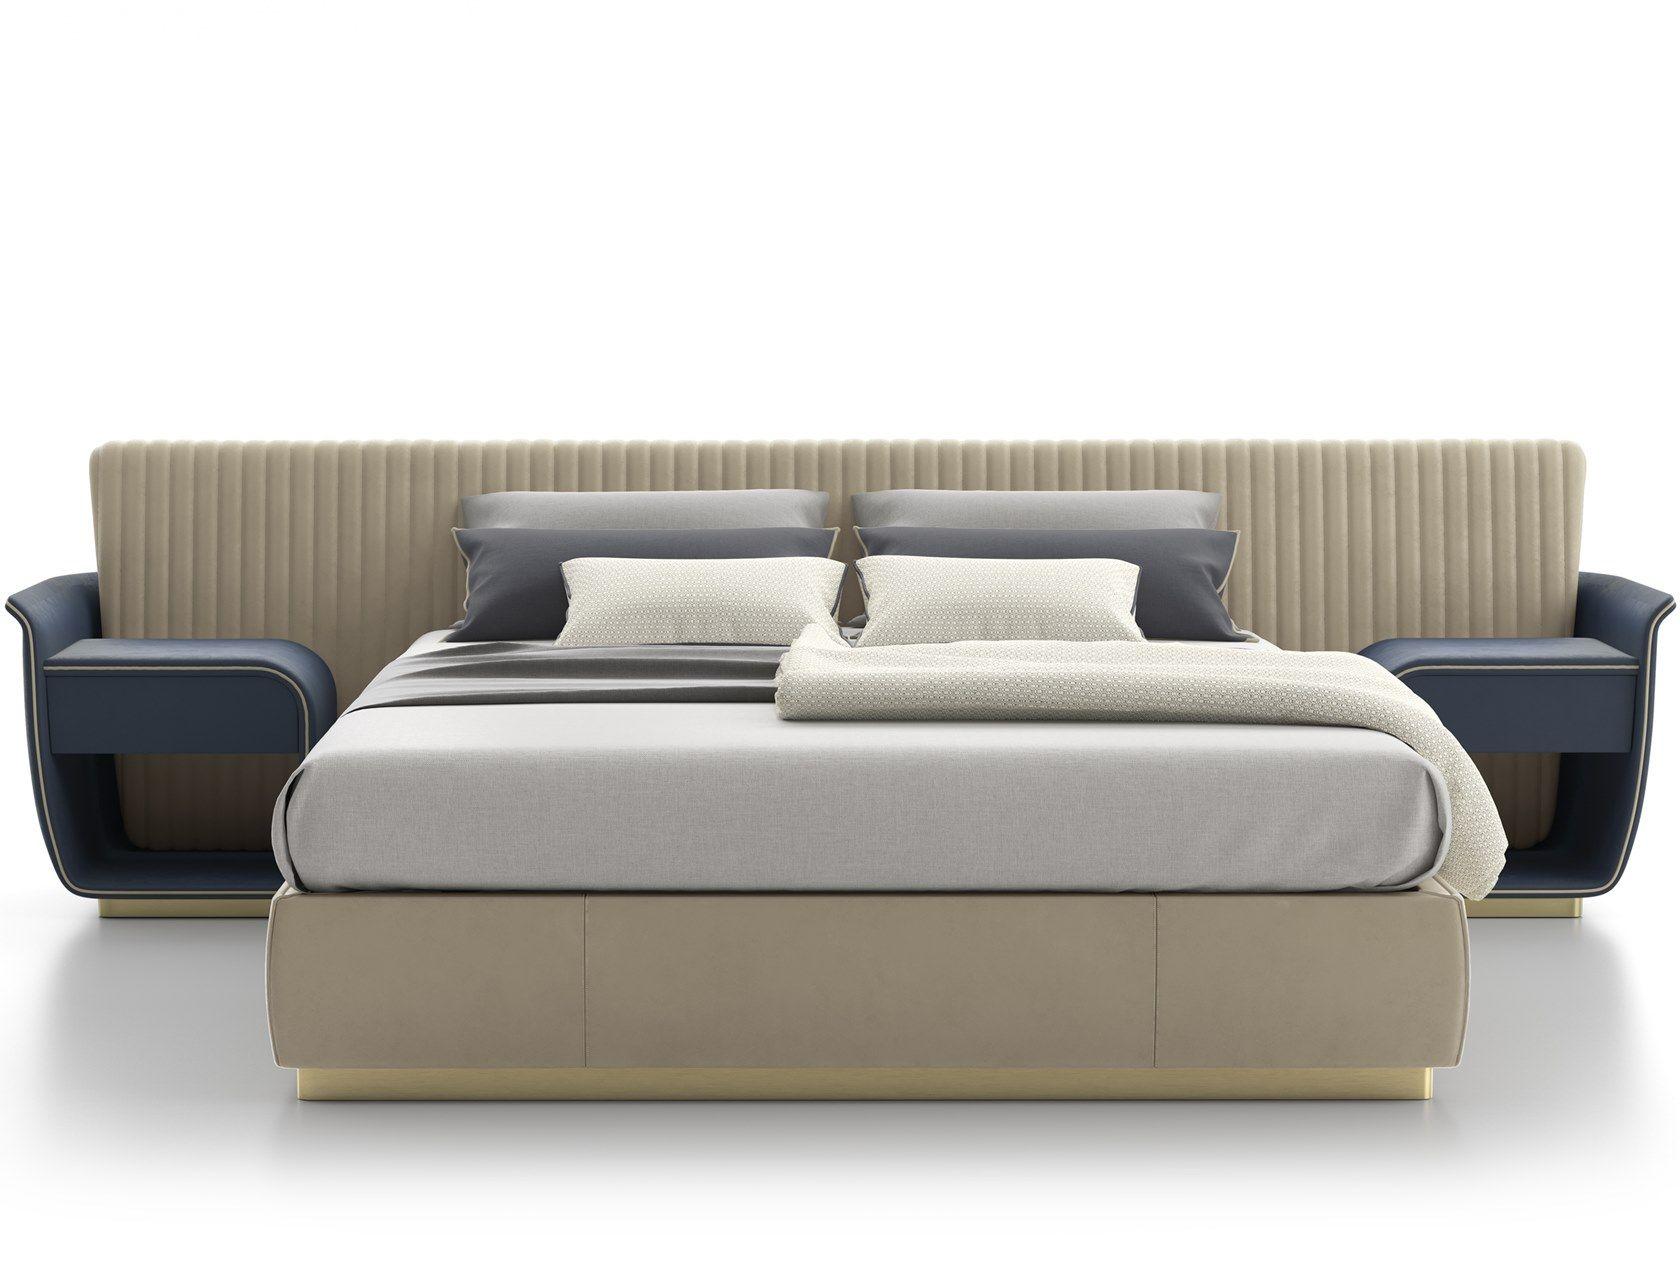 床 Allure Xl By Capital Collection Luxury Bedroom Furniture